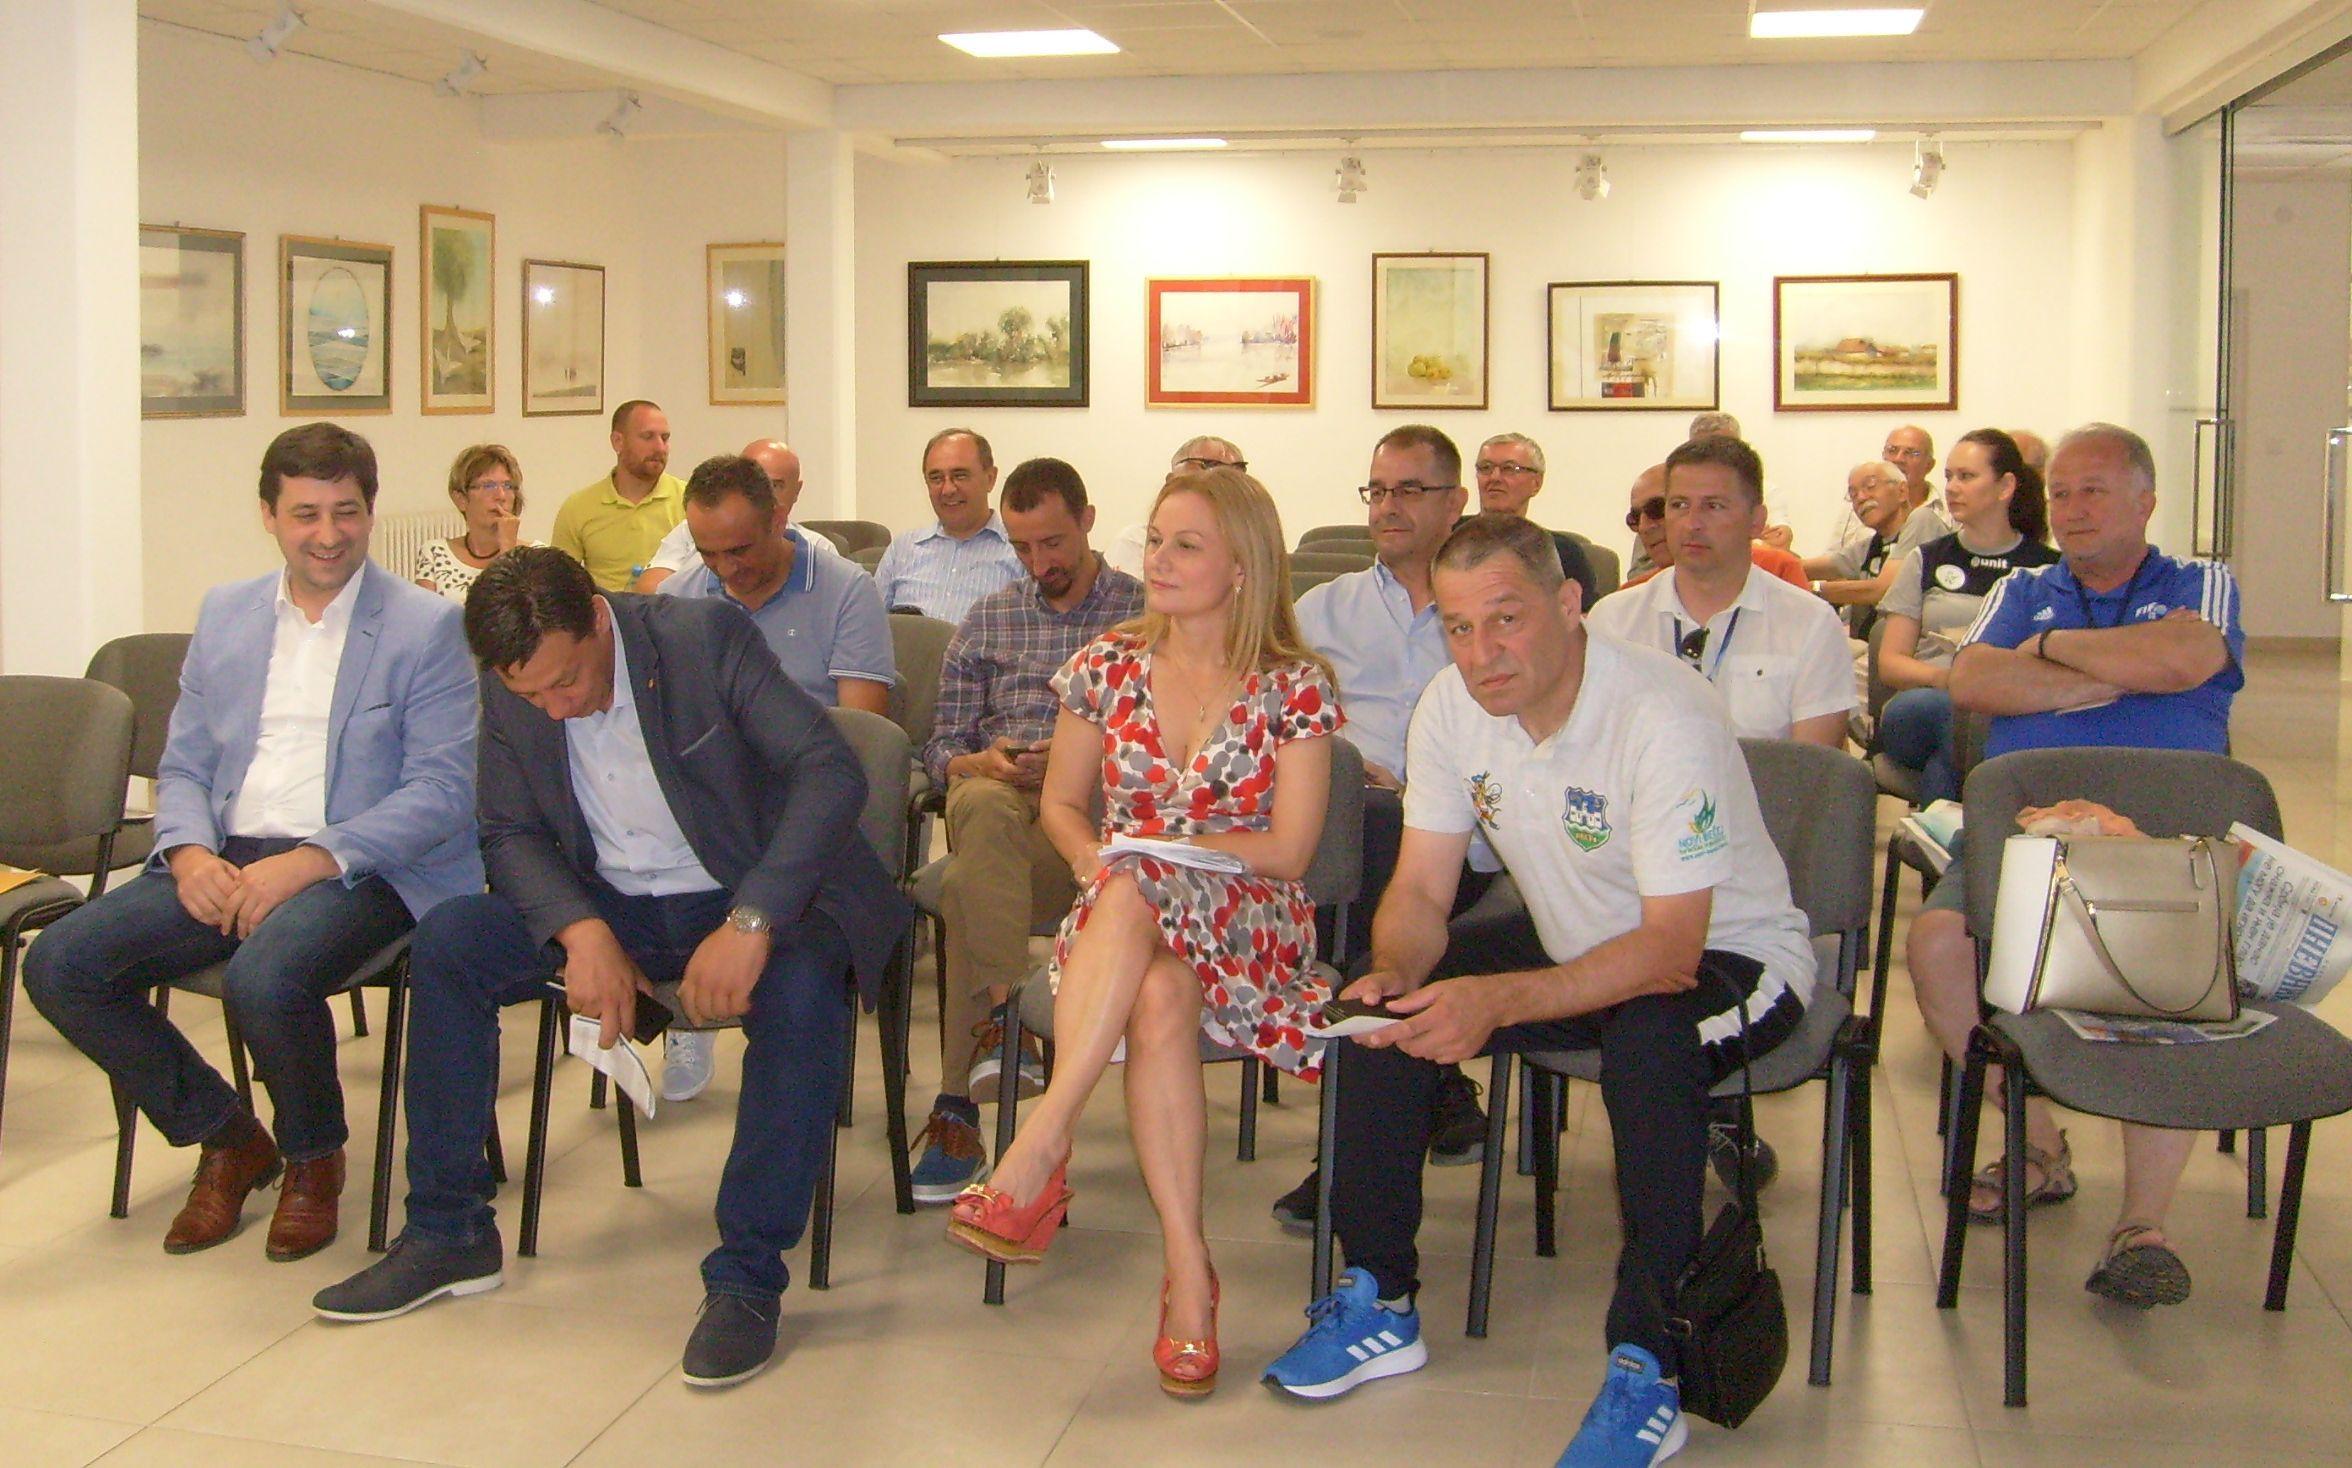 Clanovi Olimpijskog komiteta u sali